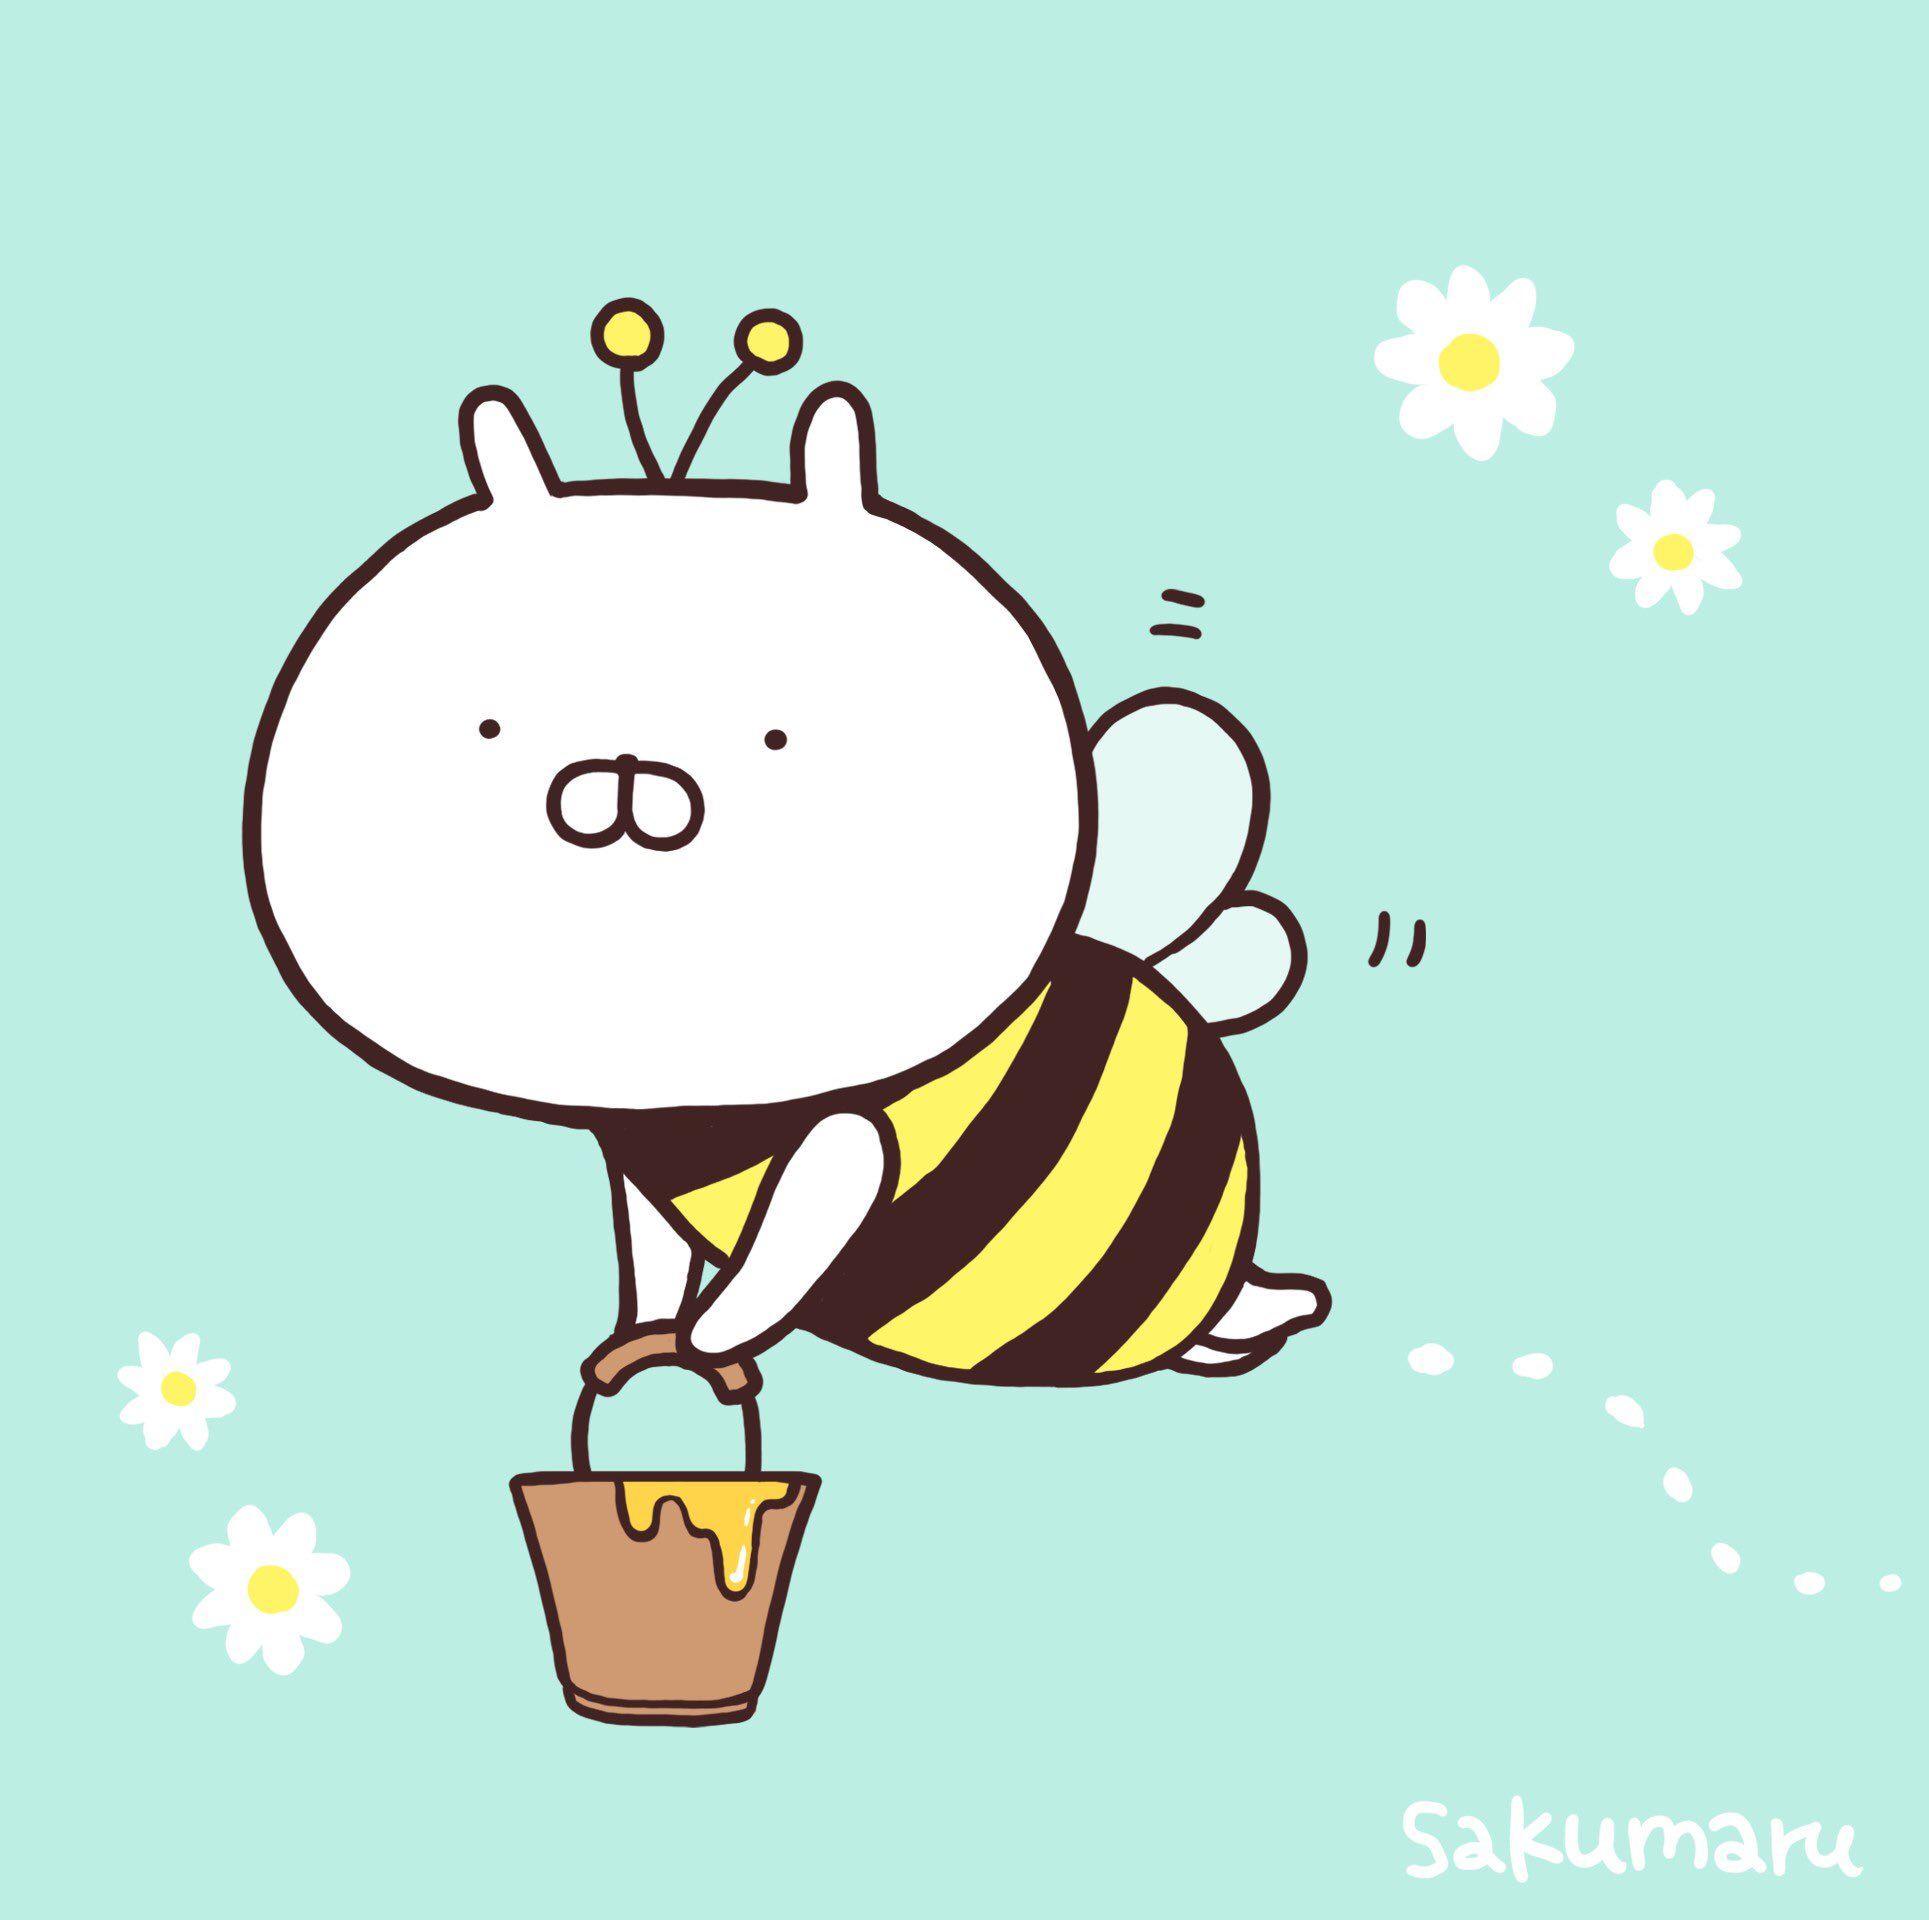 Sakumaru うさまるといっしょ Skmr 29 さん Twitter うさまる ミツバチ イラスト うさまる 壁紙